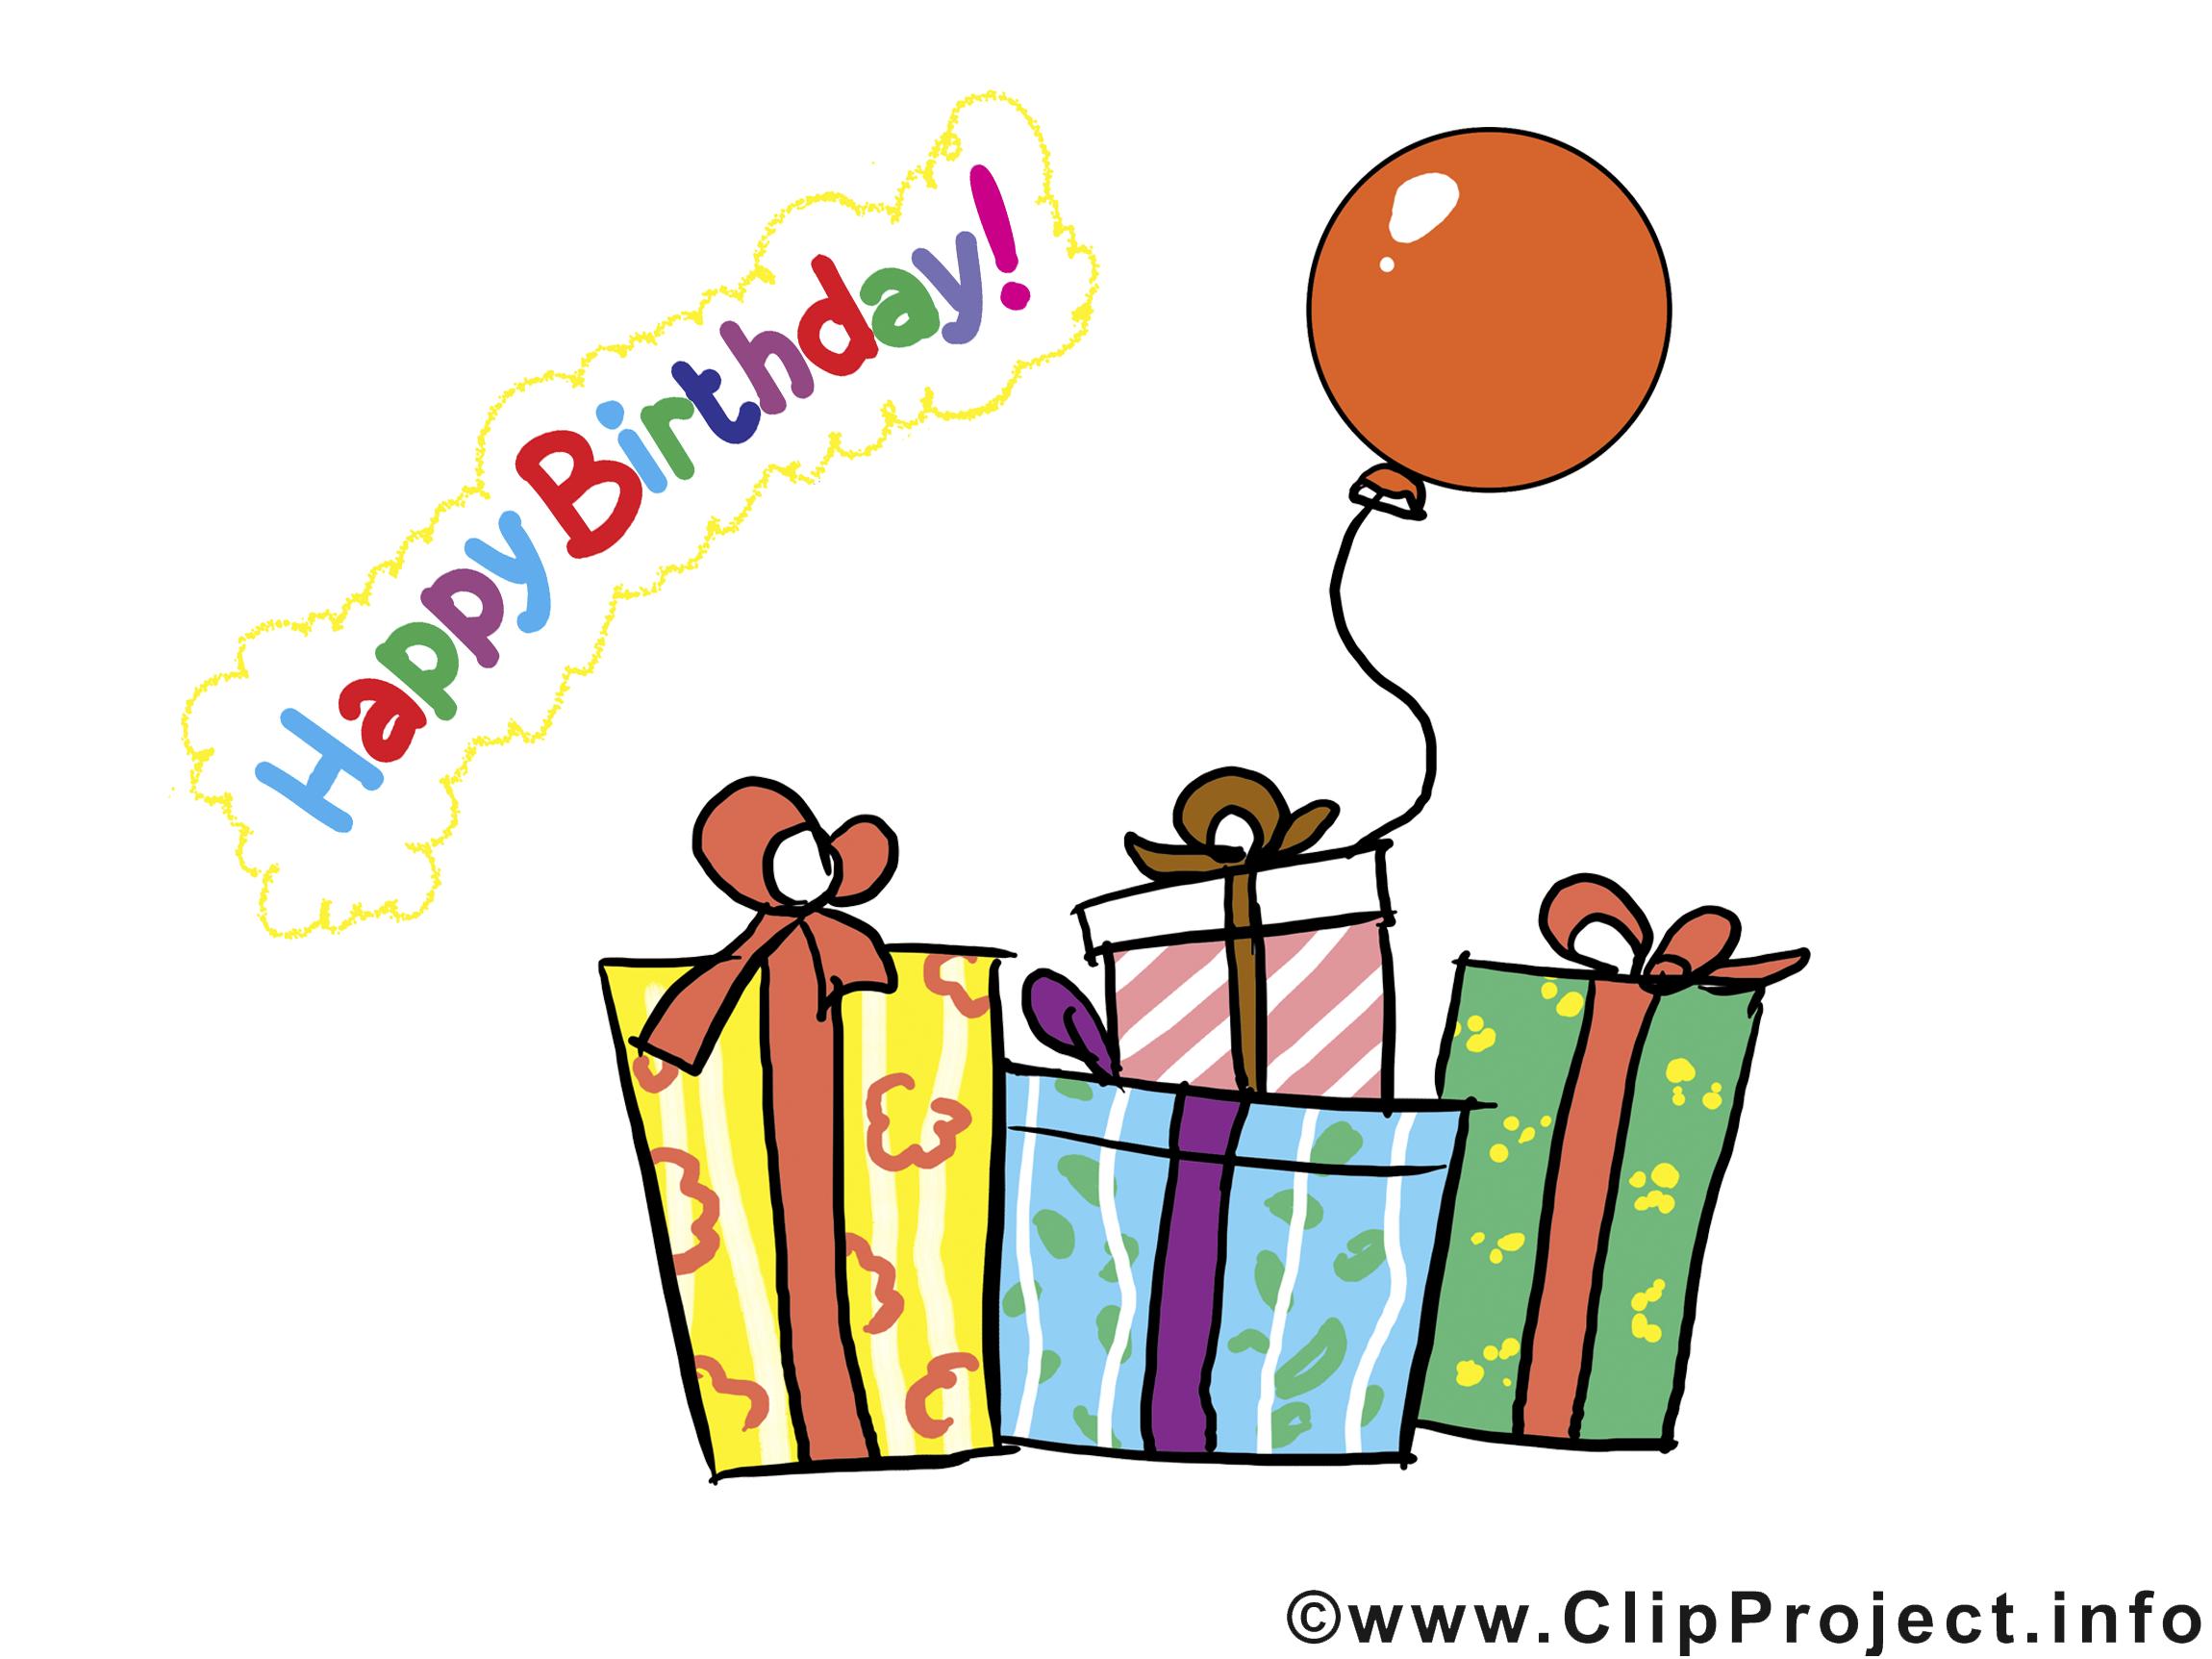 Cadeaux clip art gratuit anniversaire dessin cartes - Dessin cadeau anniversaire ...